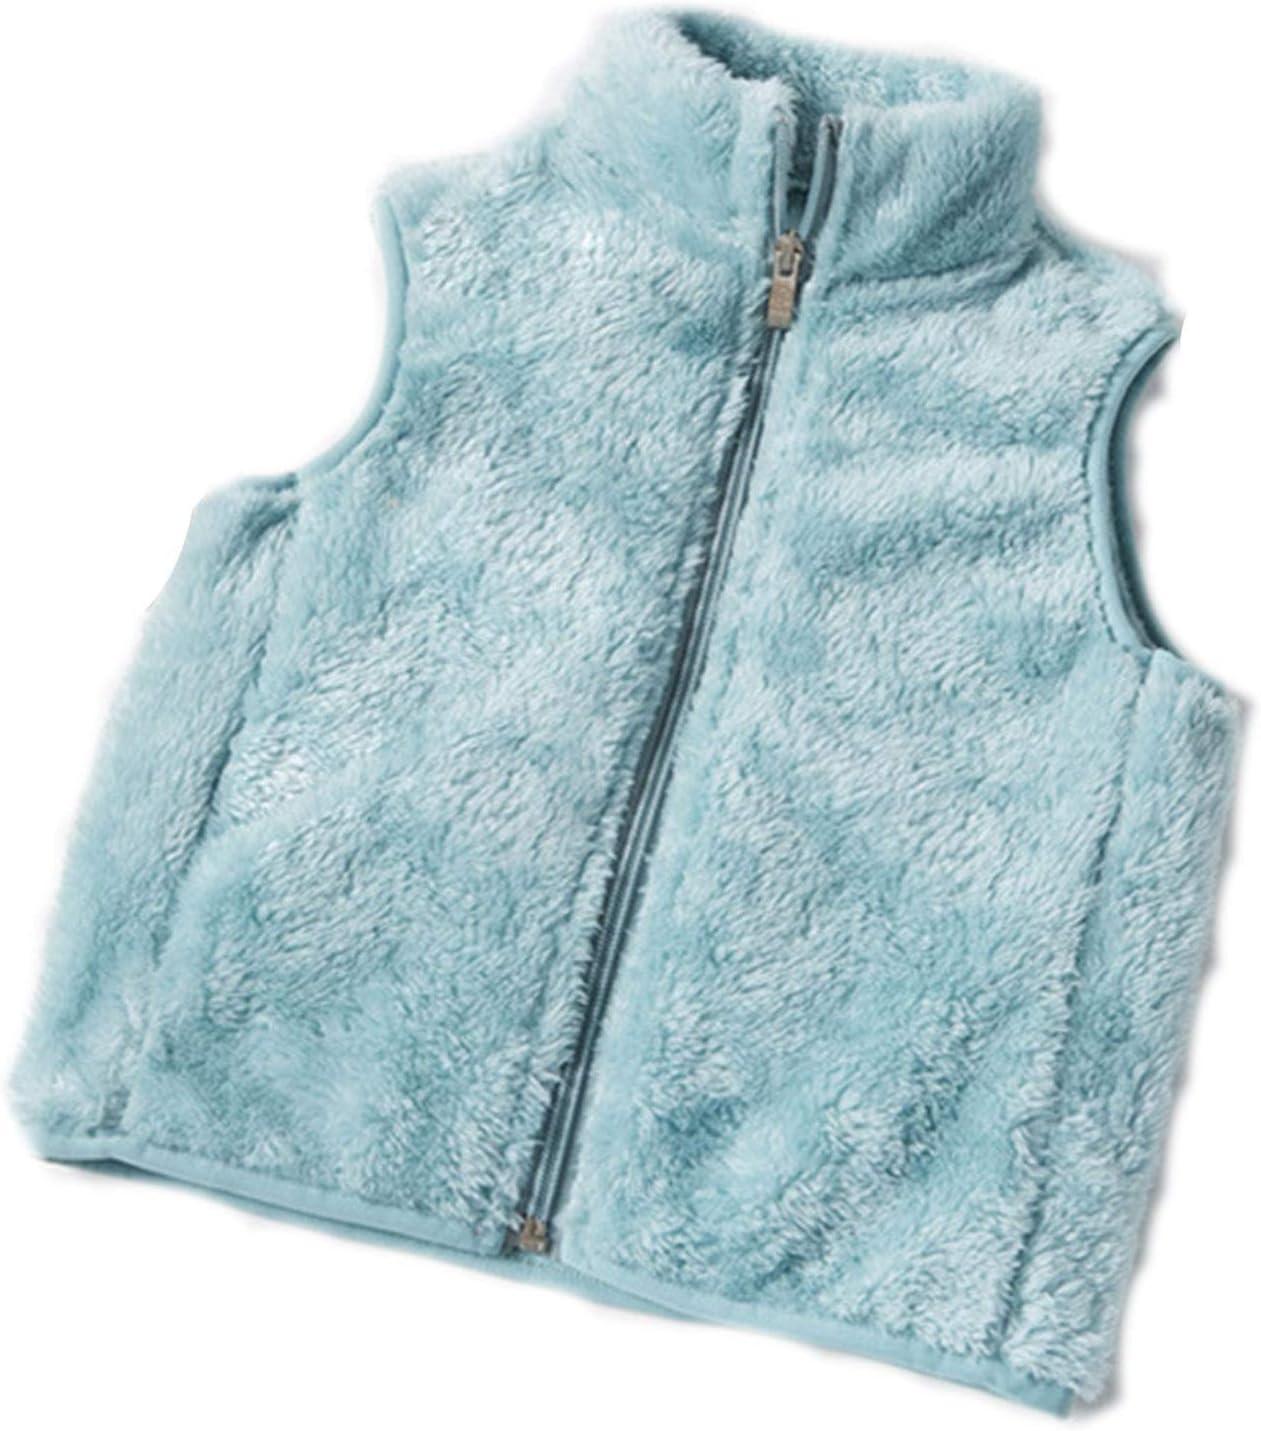 DUTUI Children's Autumn and Winter Girl Vests, Girls Plus Fleece Warm Fleece Vest Jacket, Children's Solid Color Casual Cardigan Vest,Green,XXL